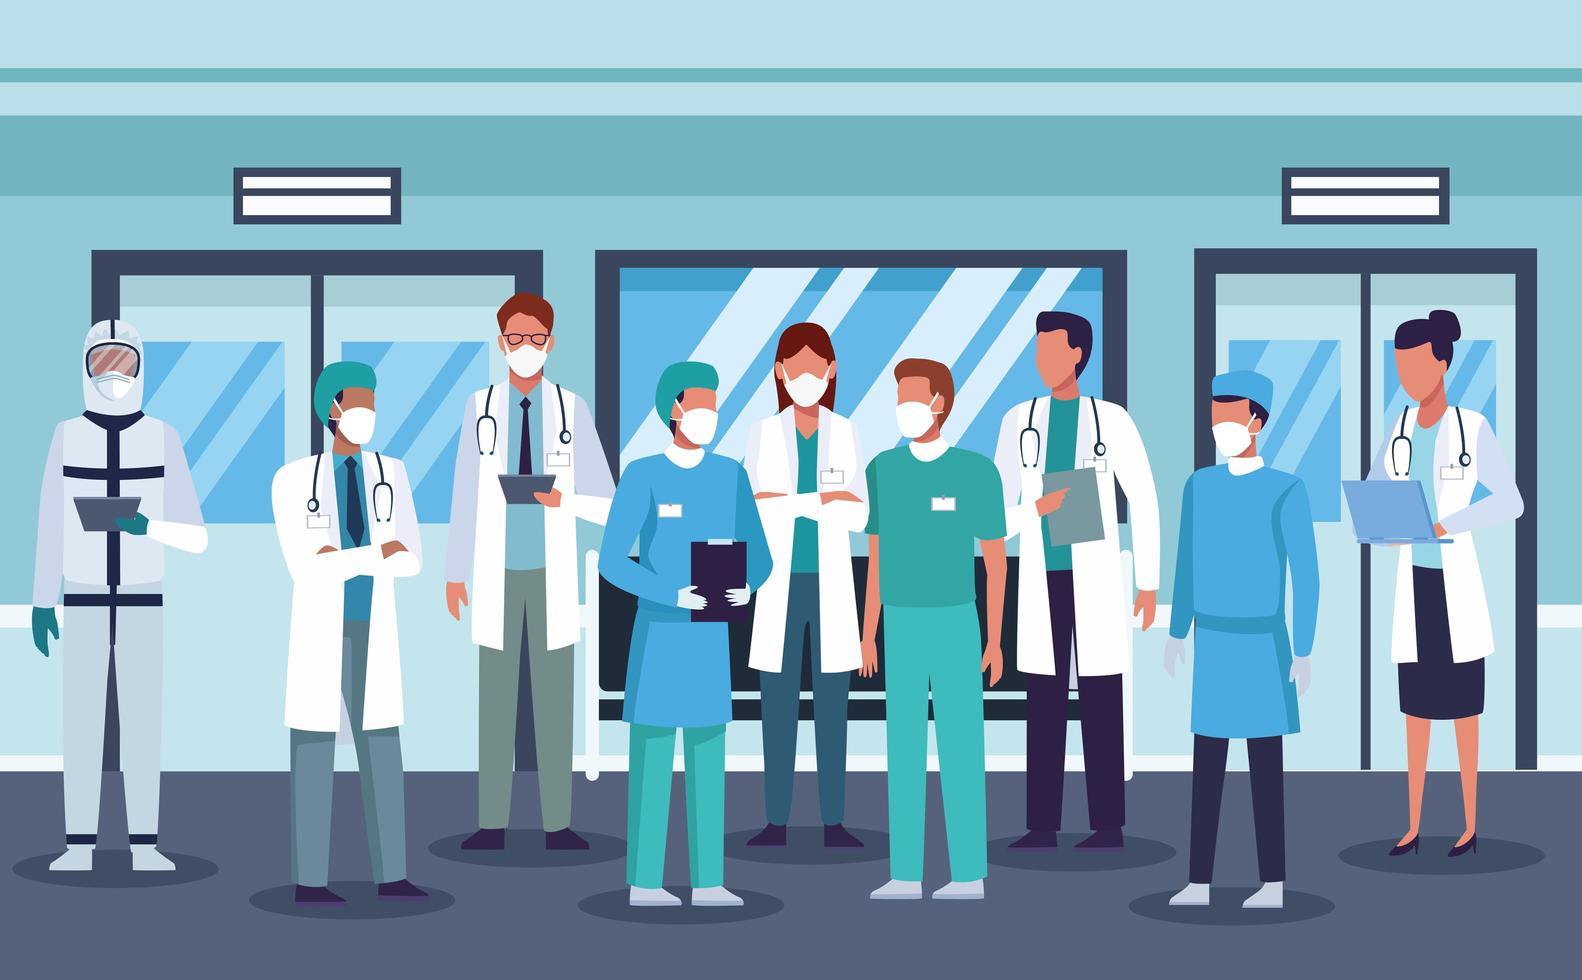 grande grupo de profissionais da área médica usando máscaras vetor